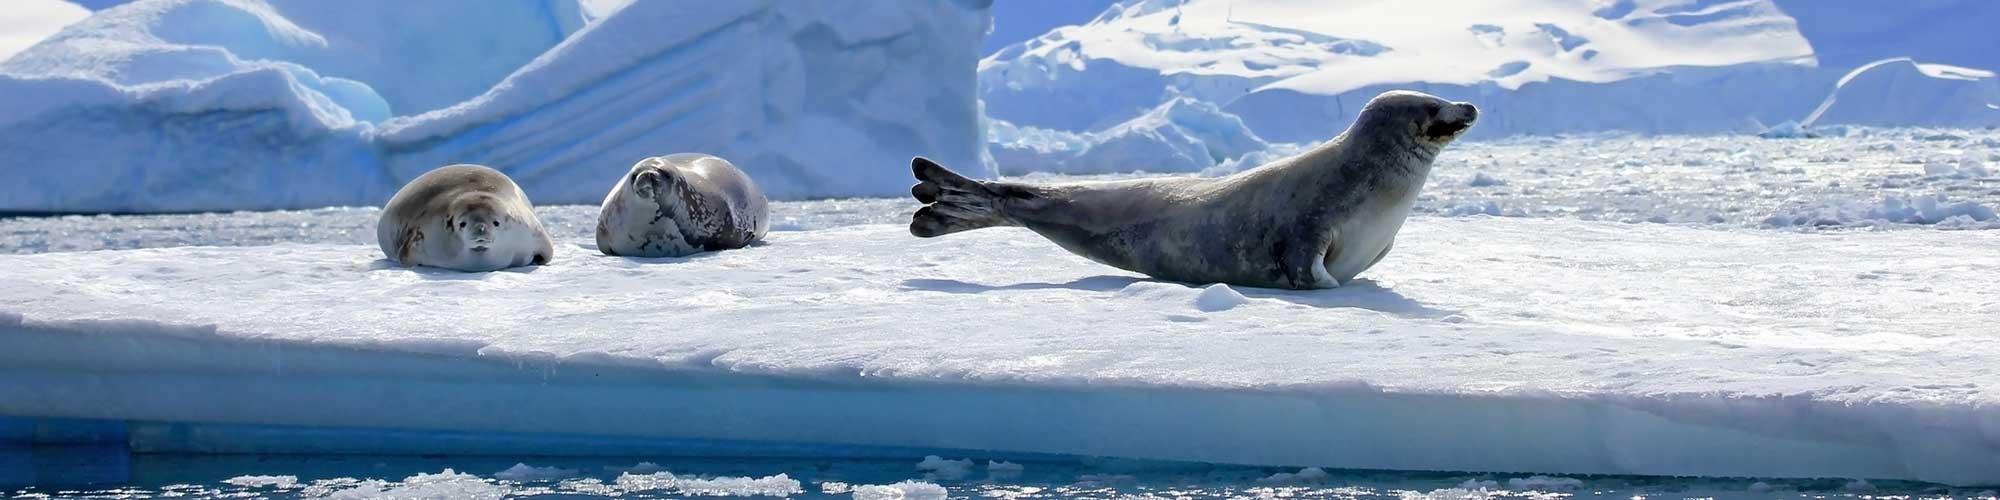 Antártida, un viaje a otro mundo - El Pais Viajes